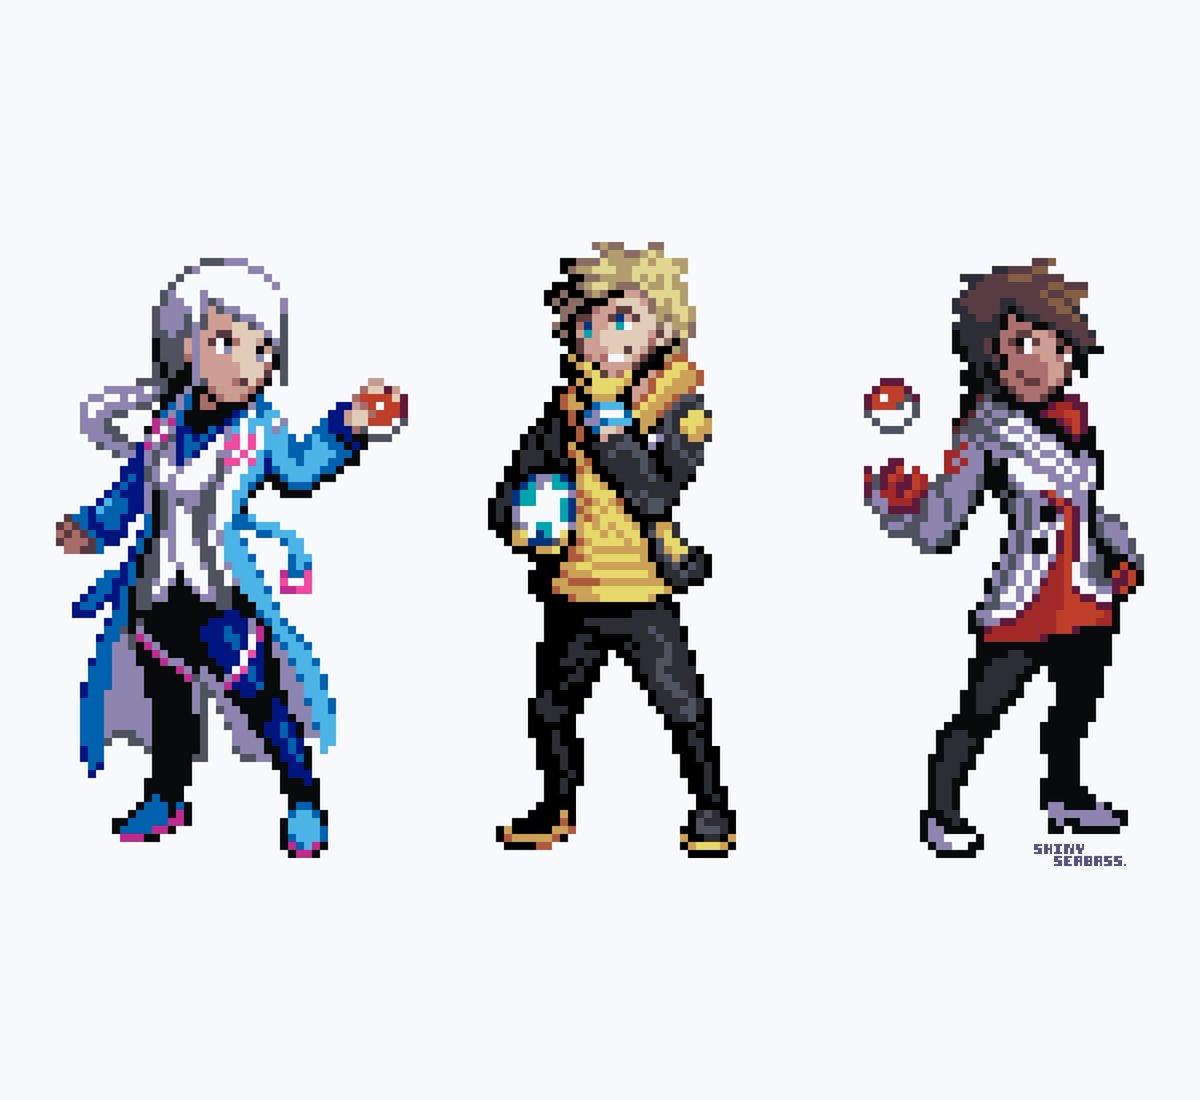 Sebastián Seabass On Twitter The Pokémon Go Dorks The